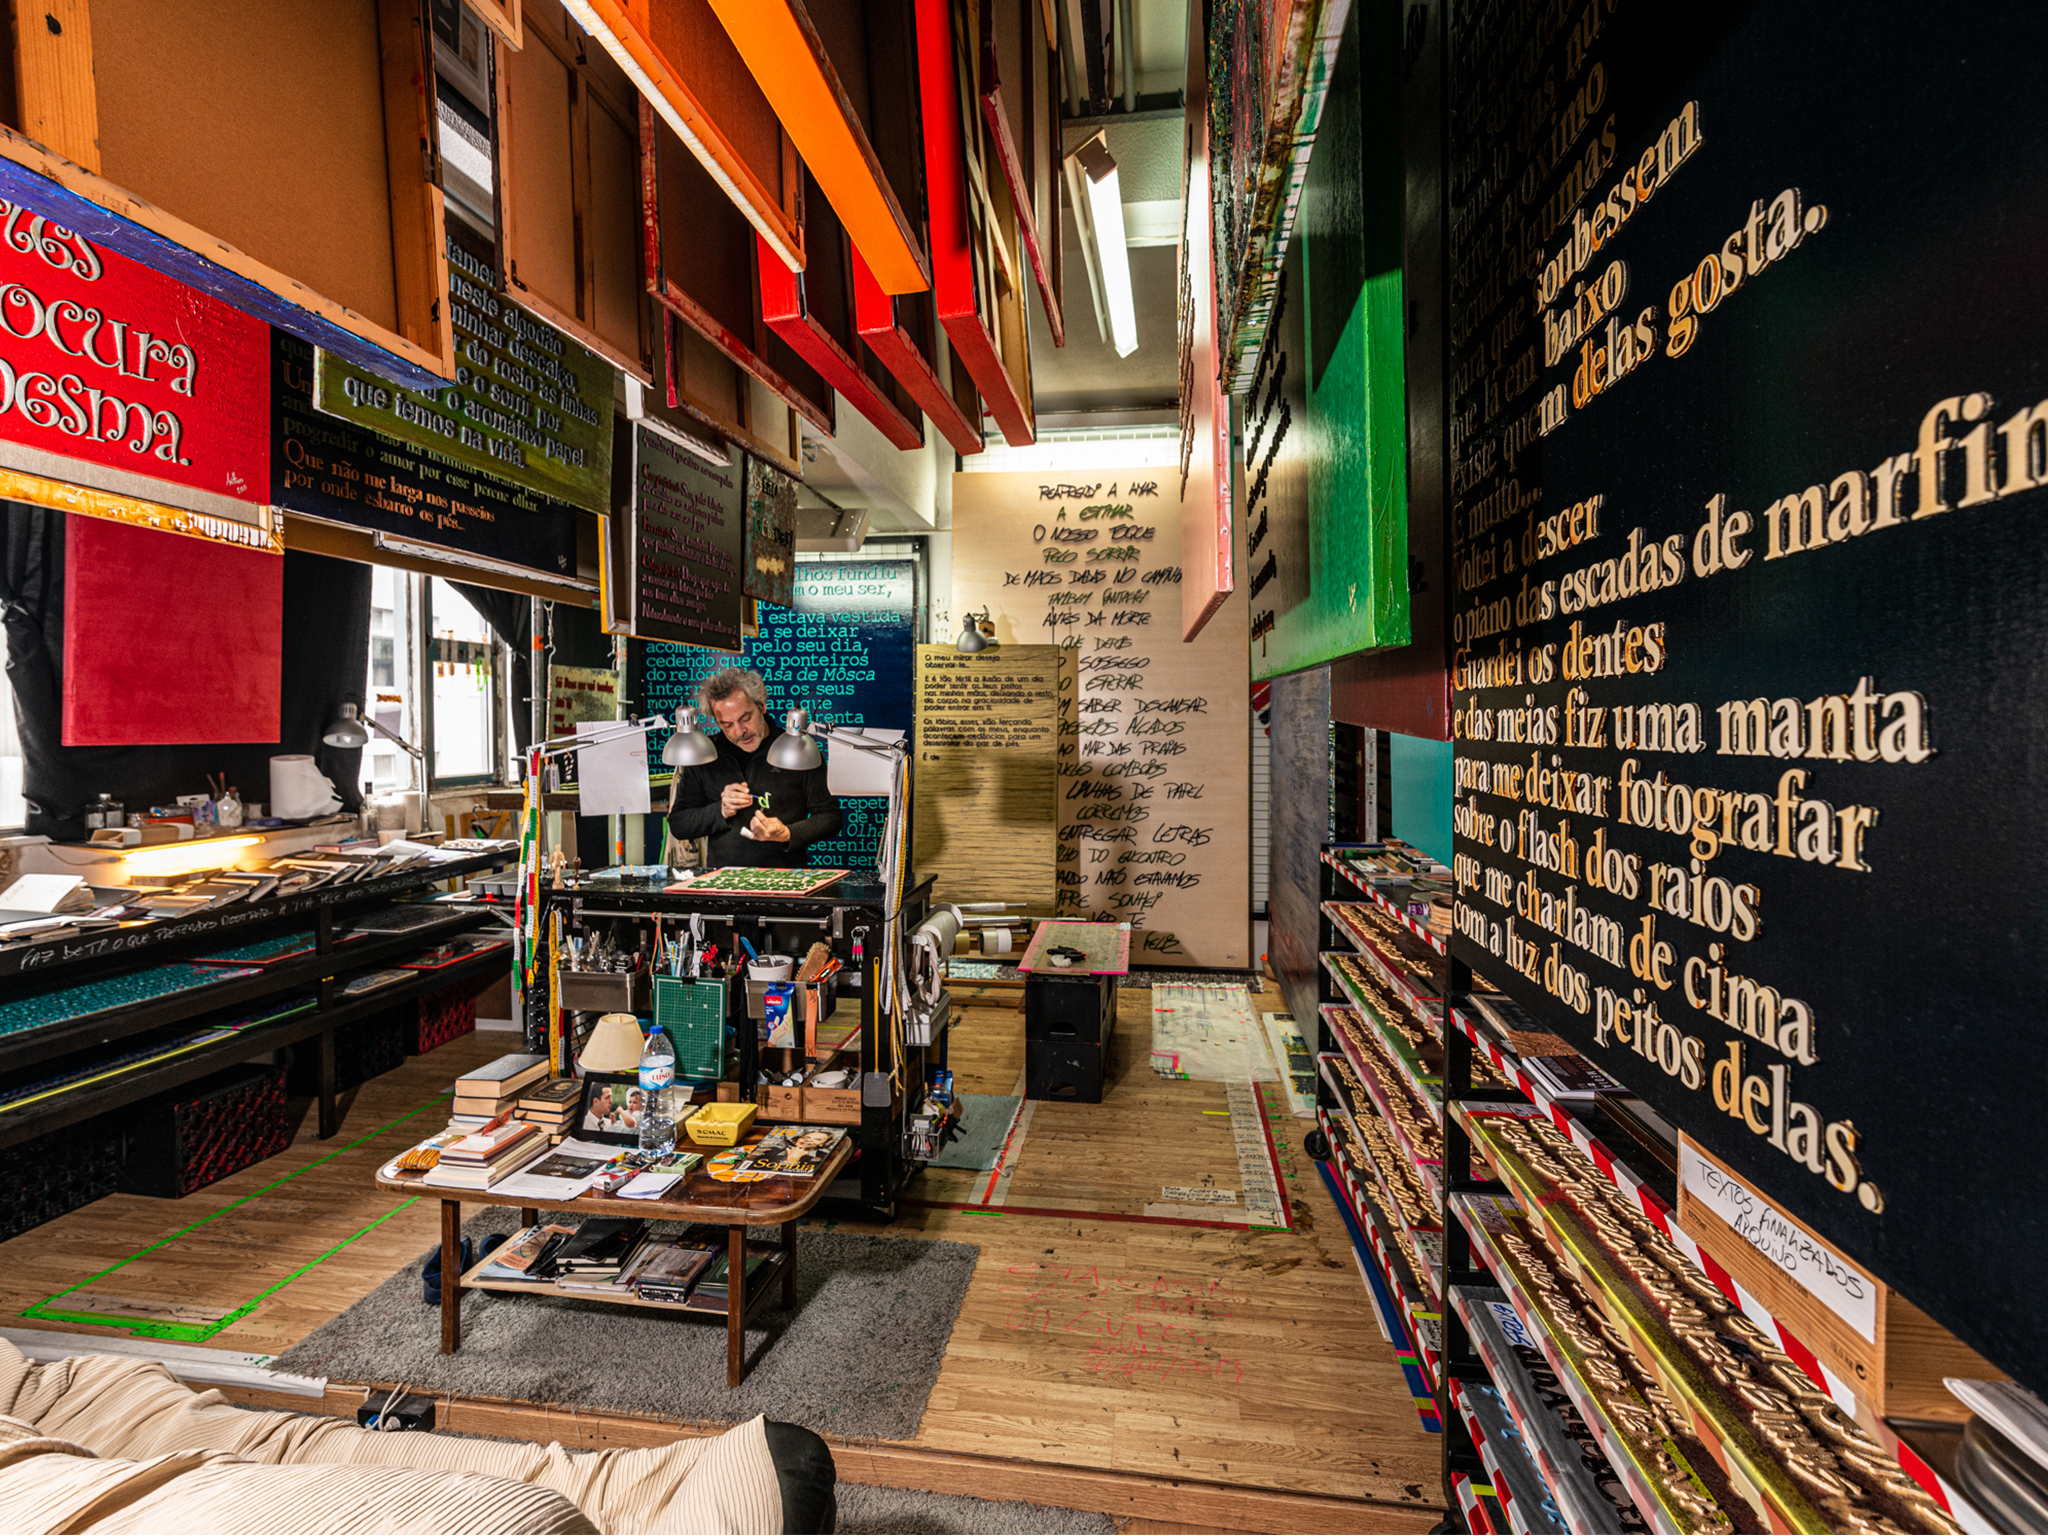 Oficina, Letras, Oficina de Reparação de Letras